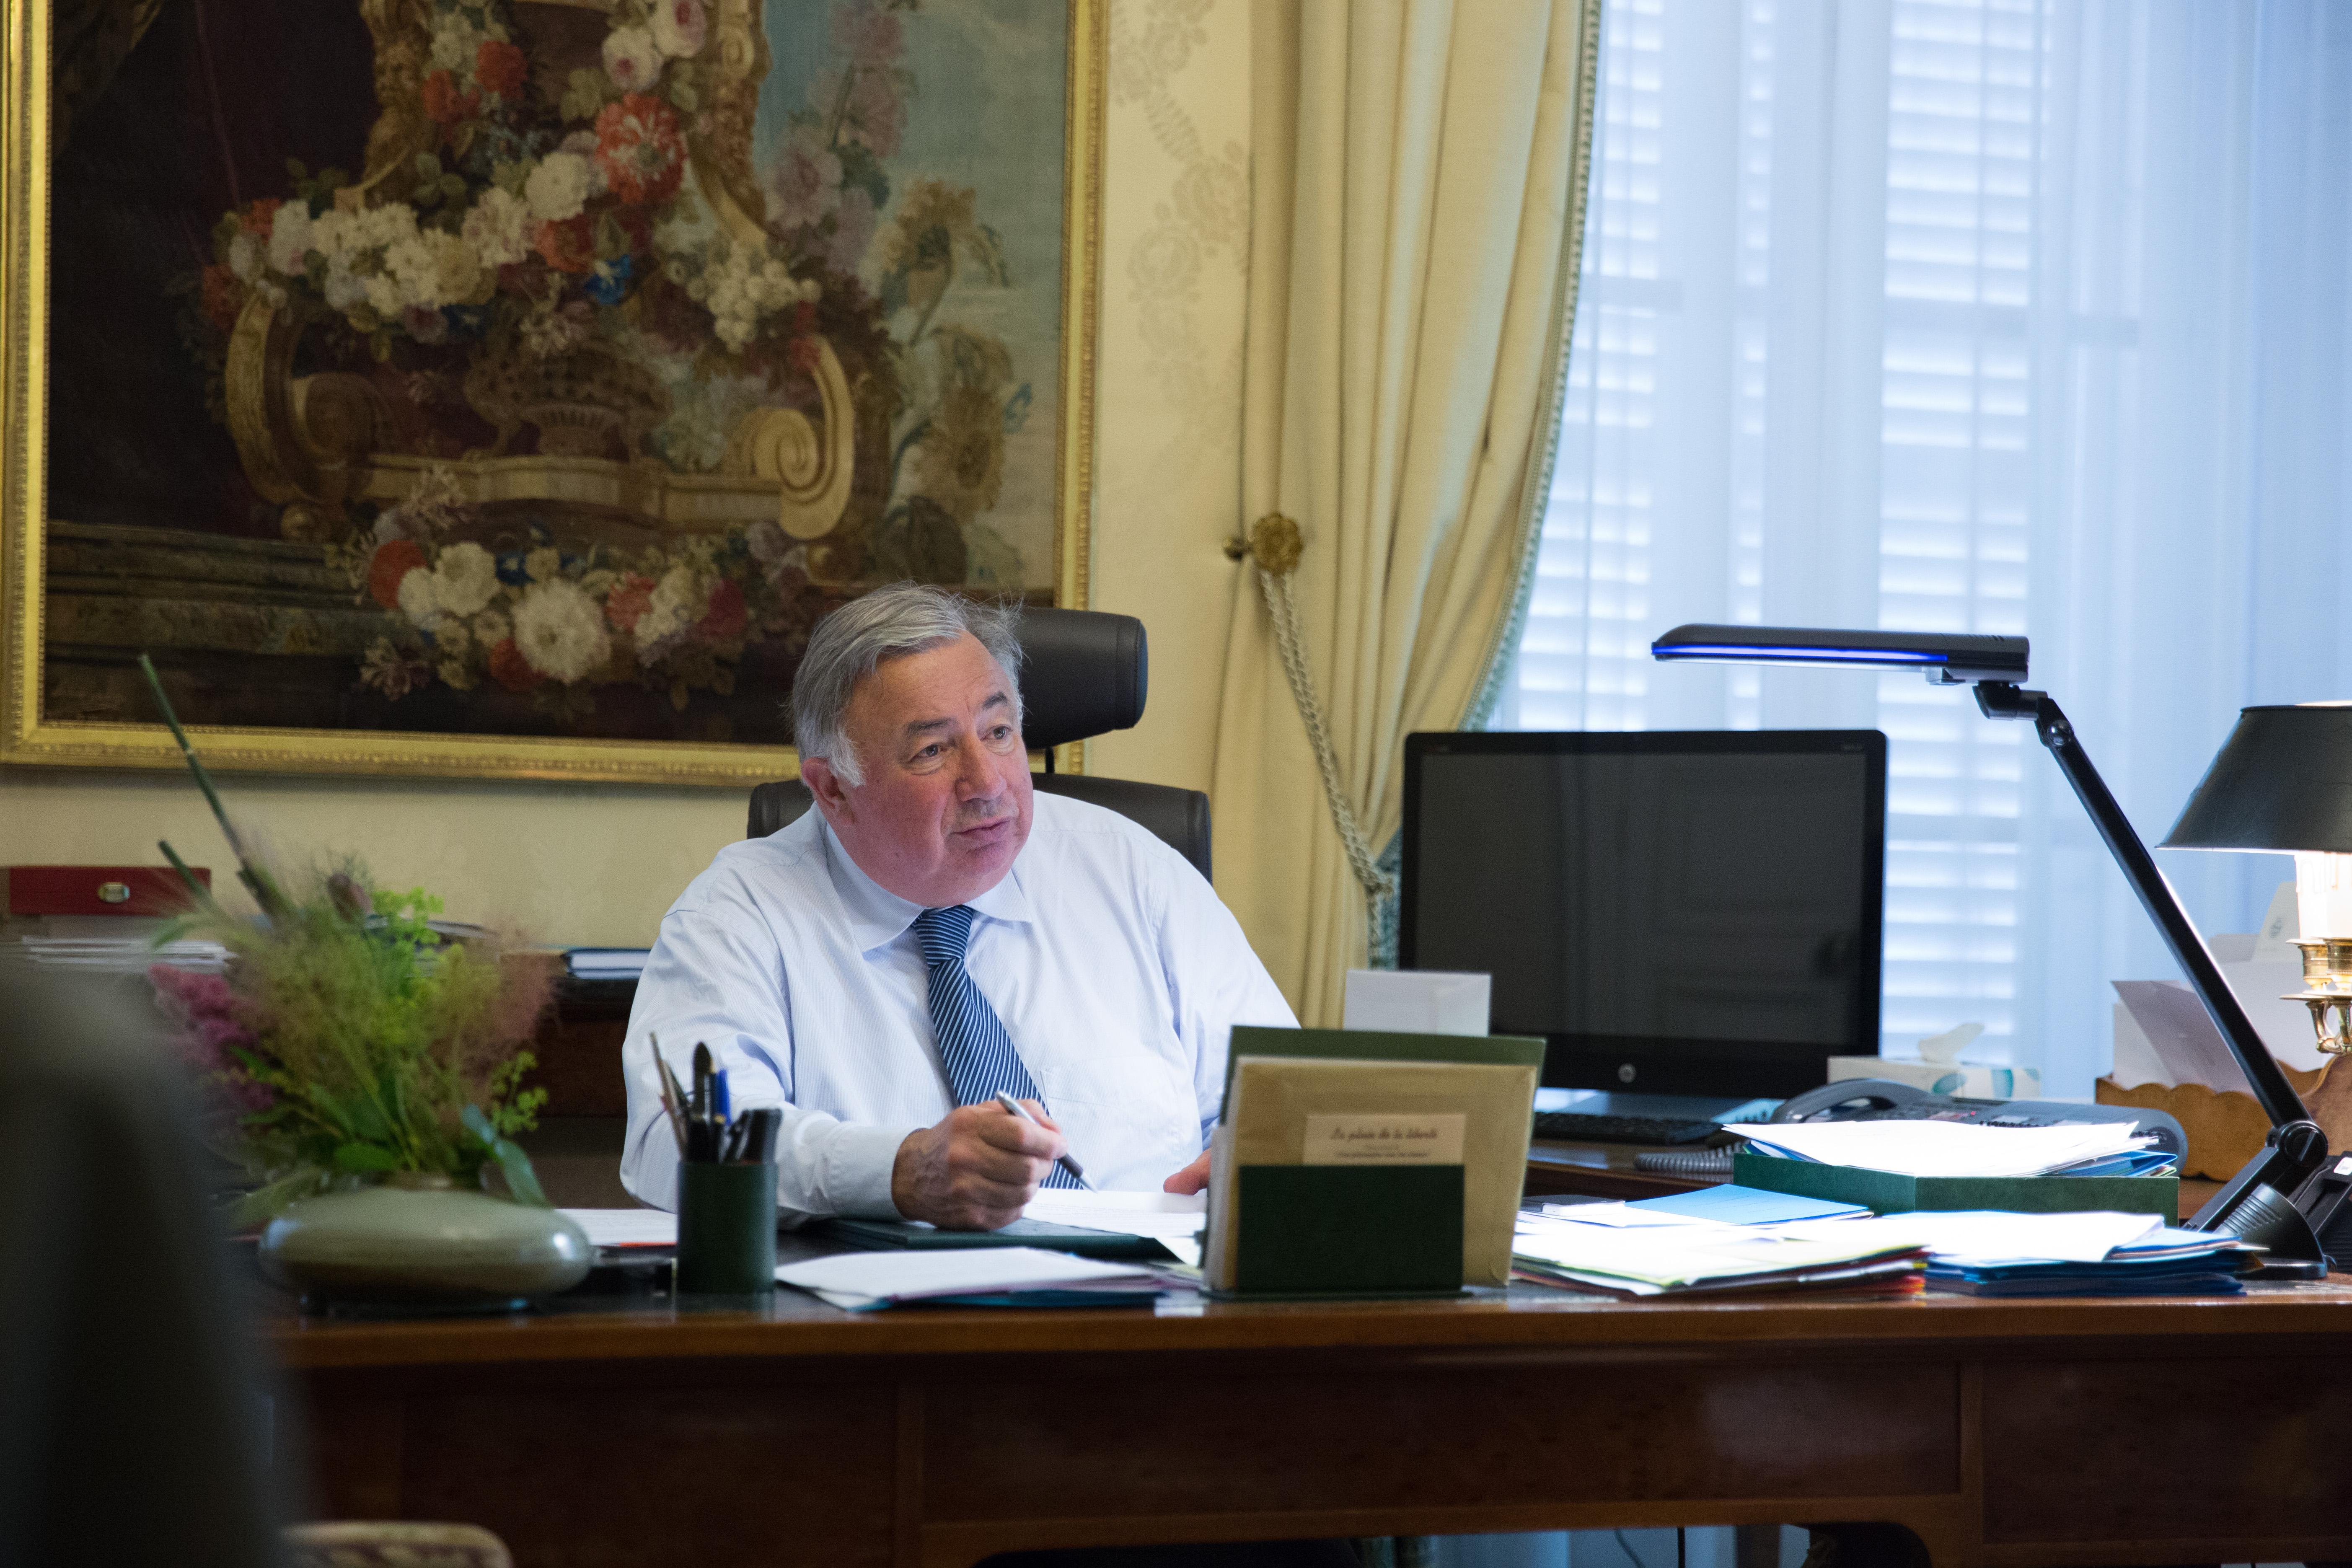 File:gérard larcher président du sénat français dans son bureau